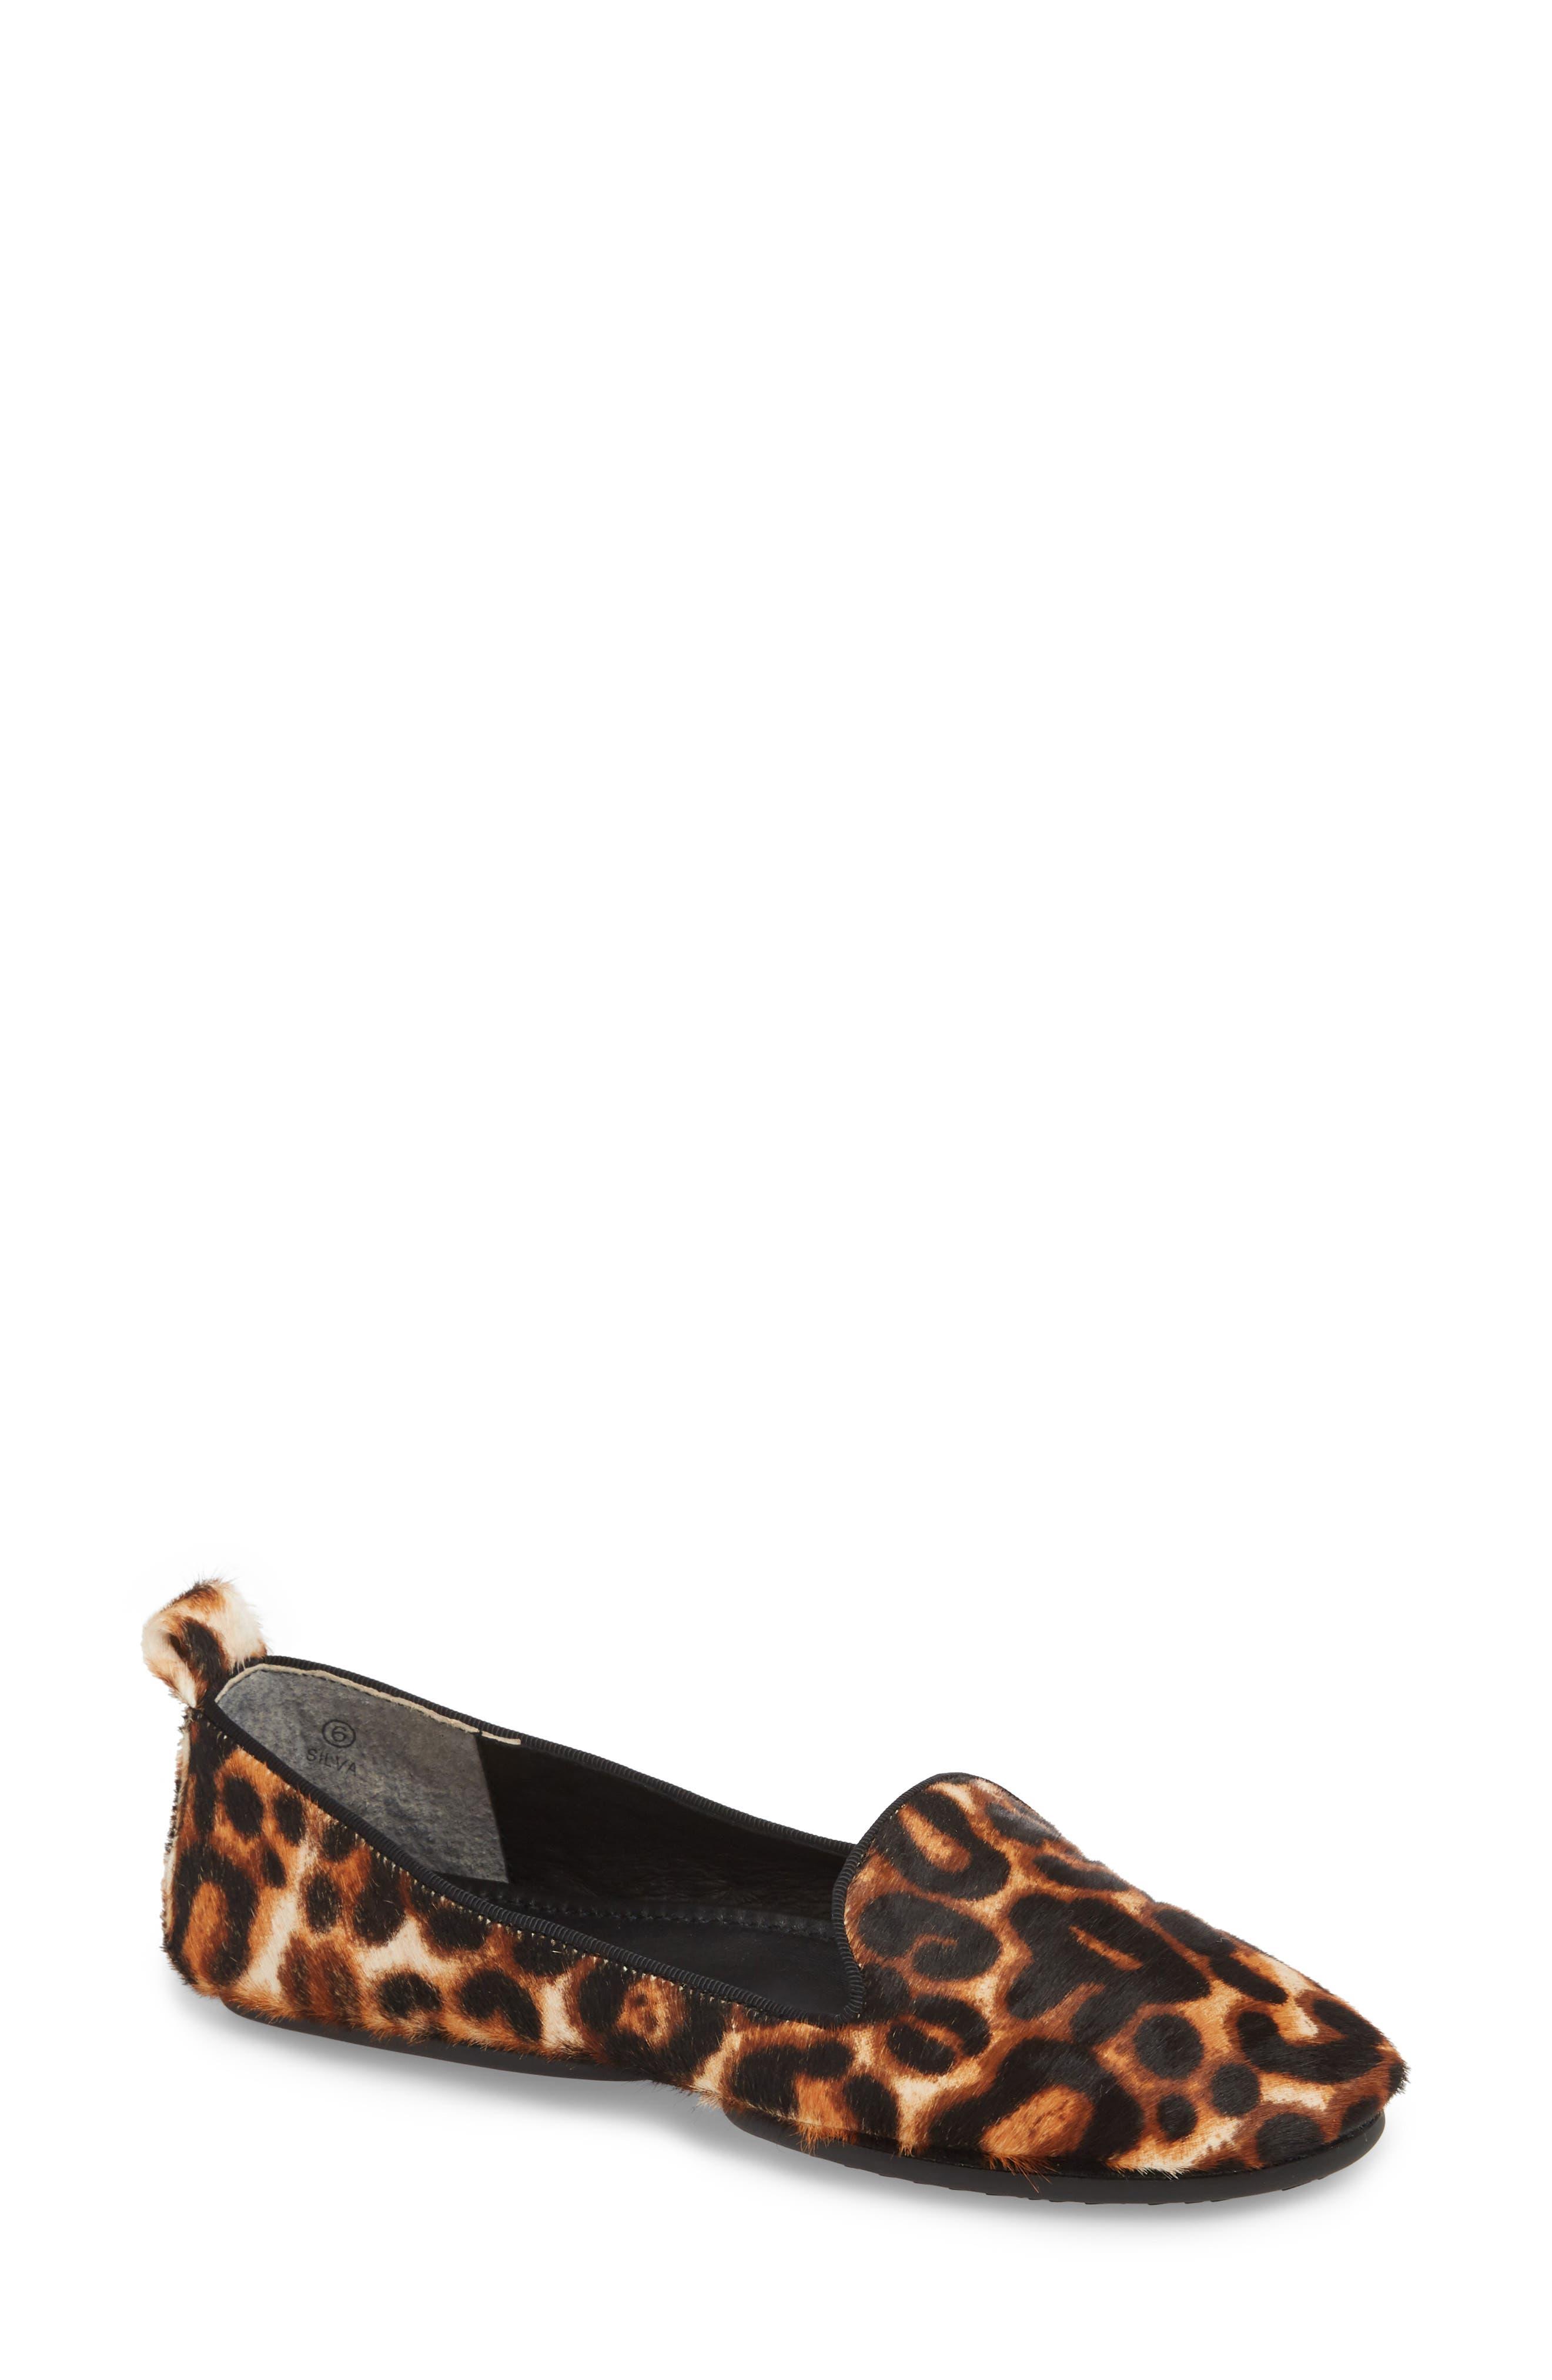 YOSI SAMRA Silva Genuine Calf Hair Loafer in Natural Leopard Calf Hair